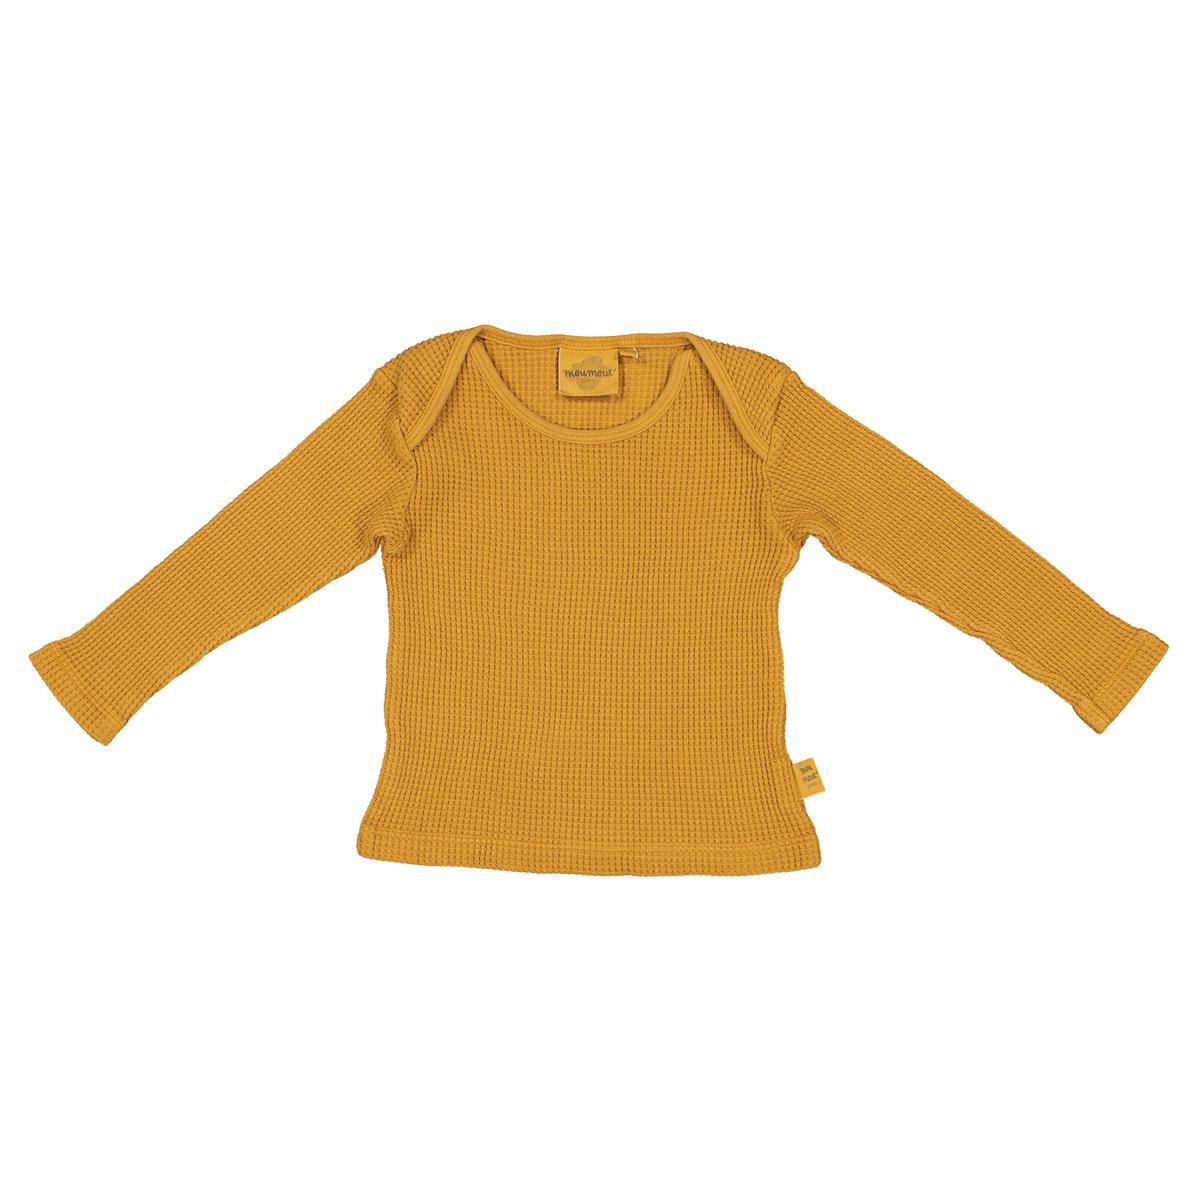 Haut bébé Tee-shirt Mü Bee Mustard - 12 Mois Tee-shirt Mü Bee Mustard - 12 Mois